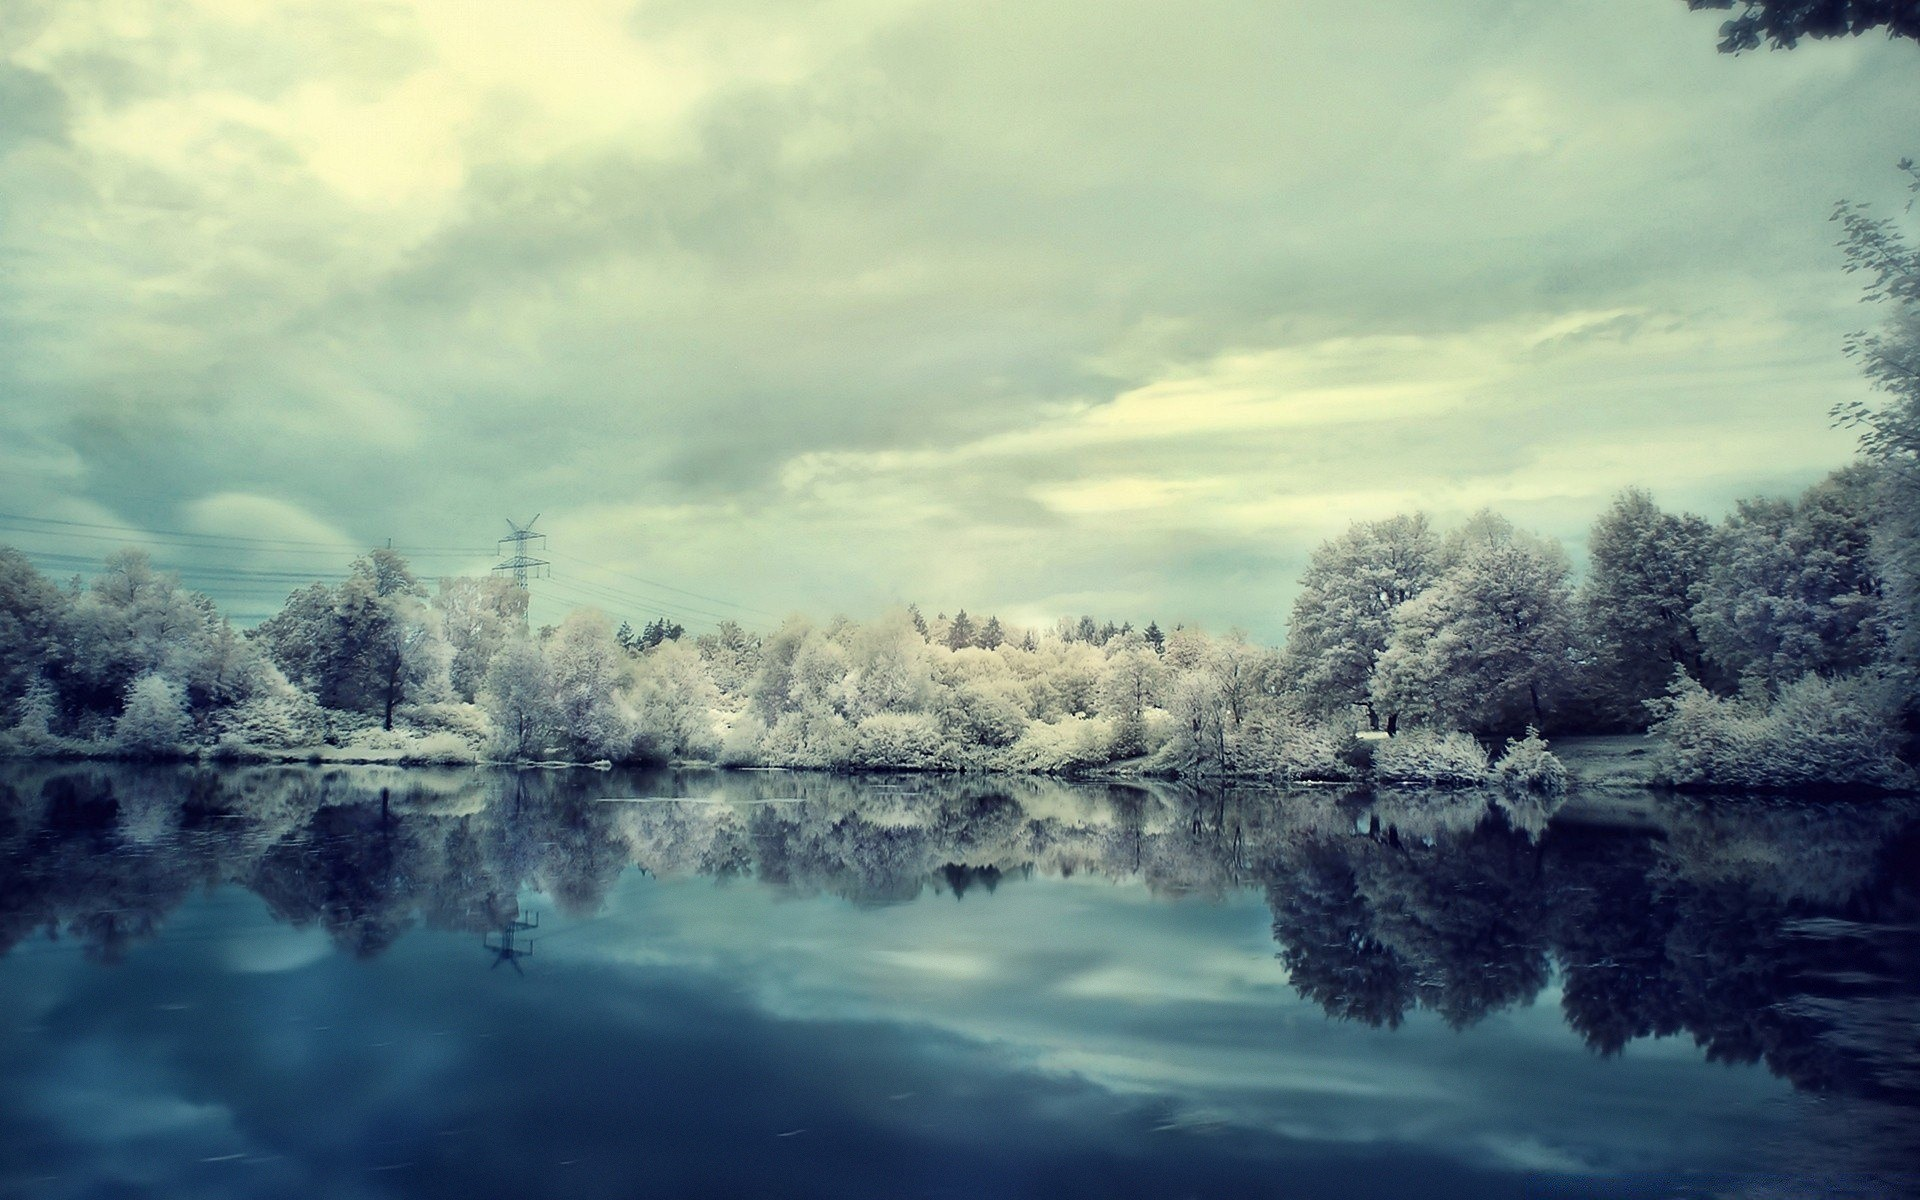 природа озеро отражение лес деревья снег зима загрузить